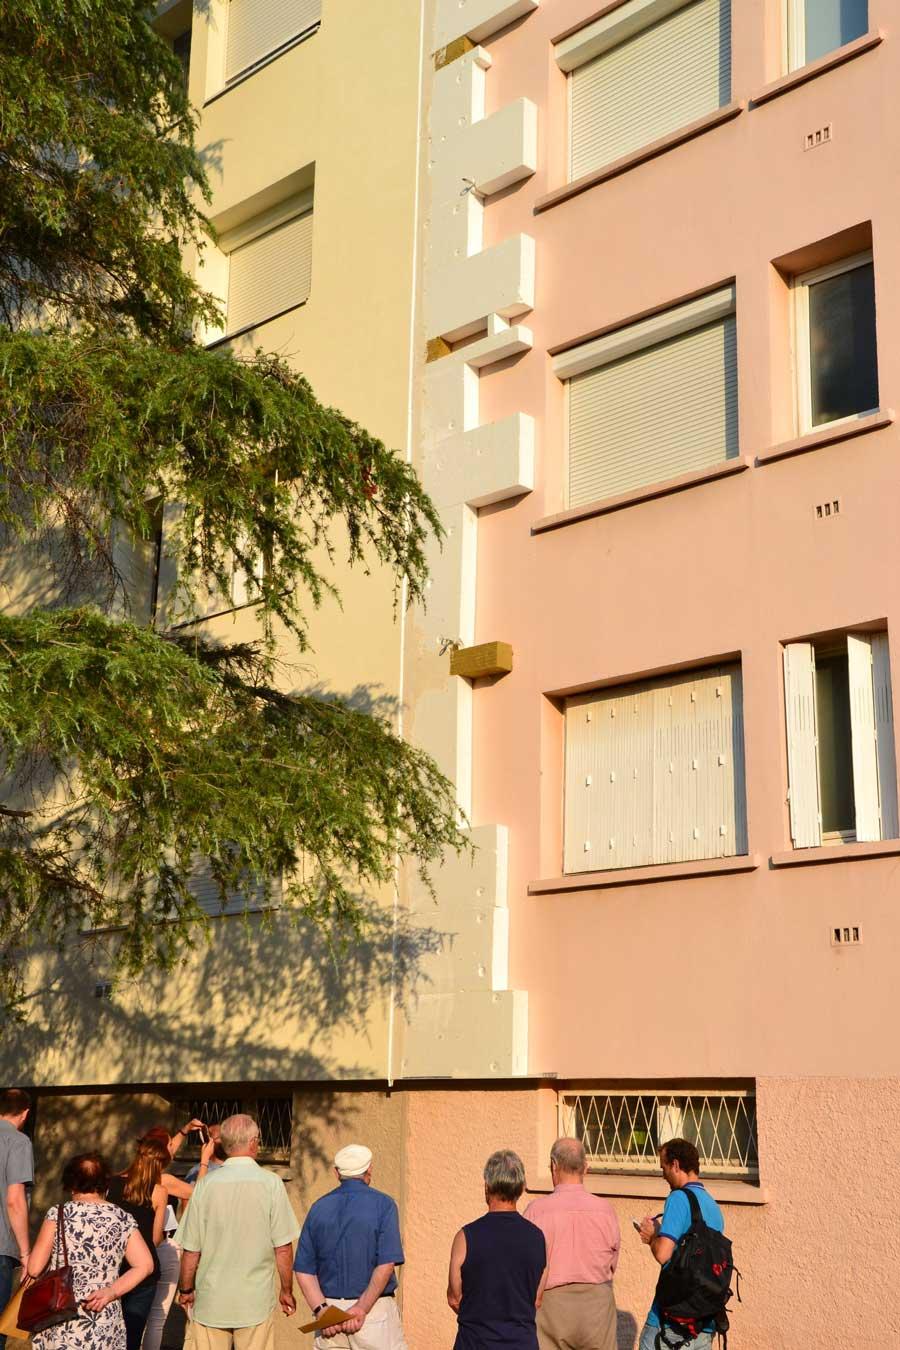 Vue de la façade de la copropriété avant rénovation